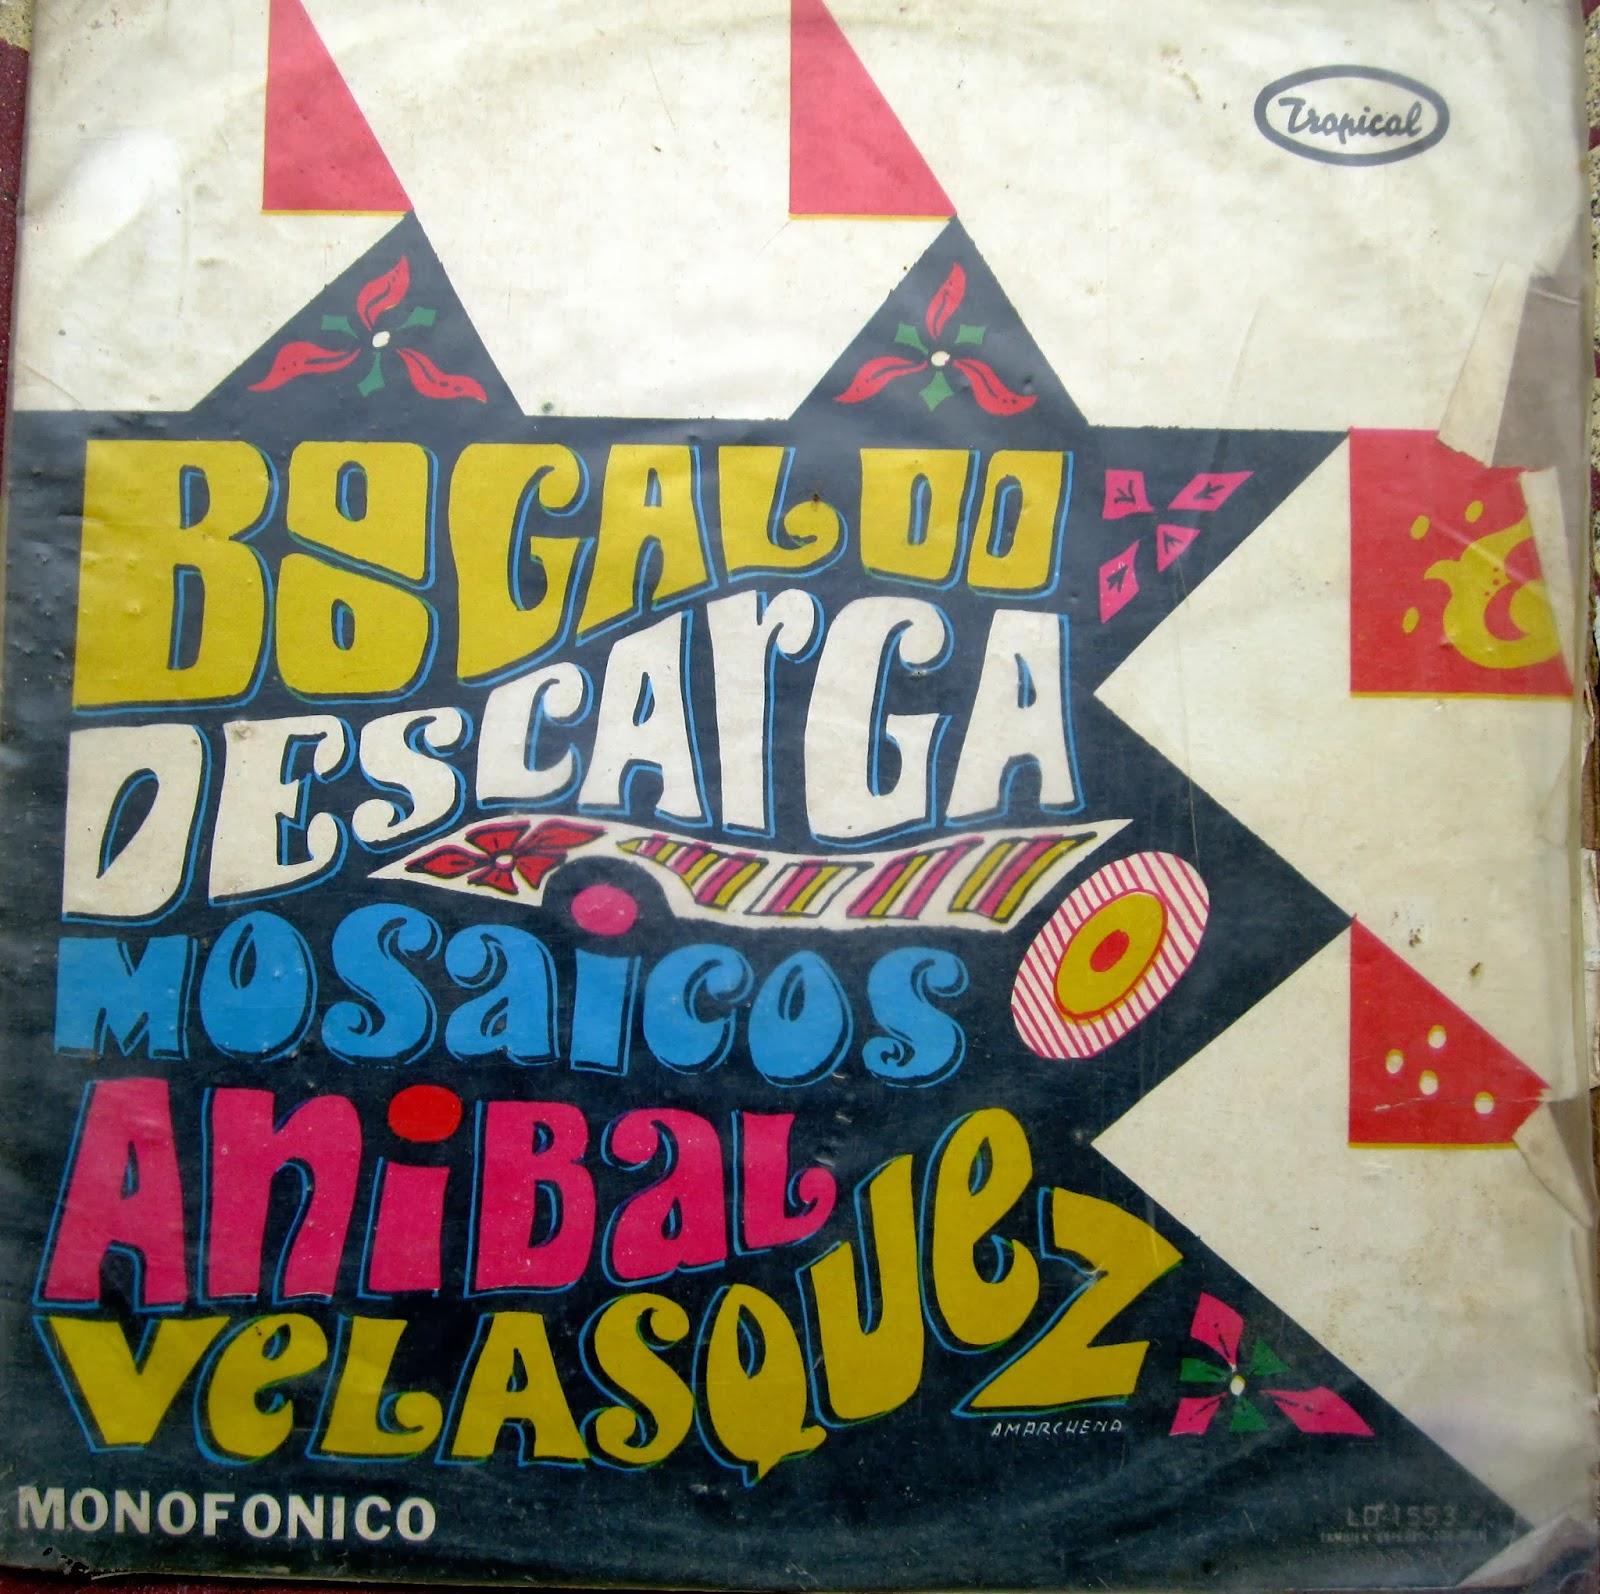 Anibal Velasquez Boogaloo Descarga Mosaicos